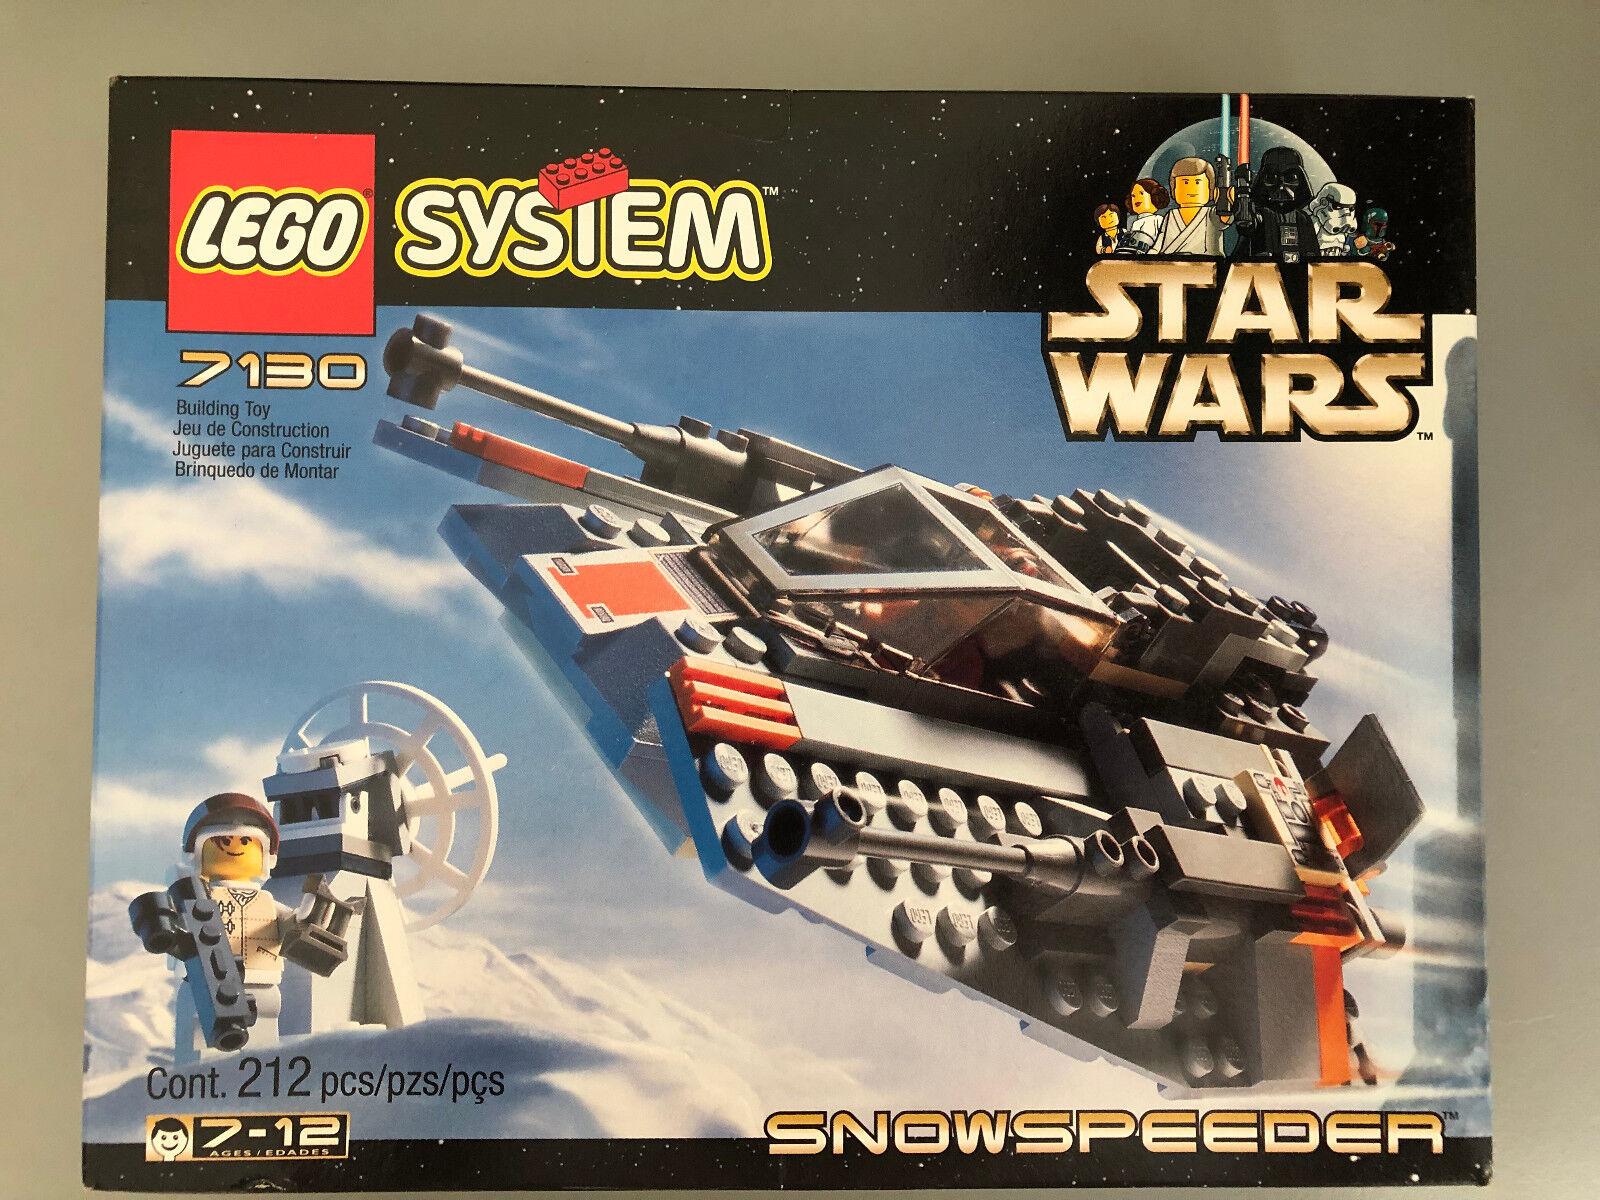 LEGO  7130 estrella guerras Snowspeeder  nuovo   Factory Sealed  Retirosso  prezzo all'ingrosso e qualità affidabile